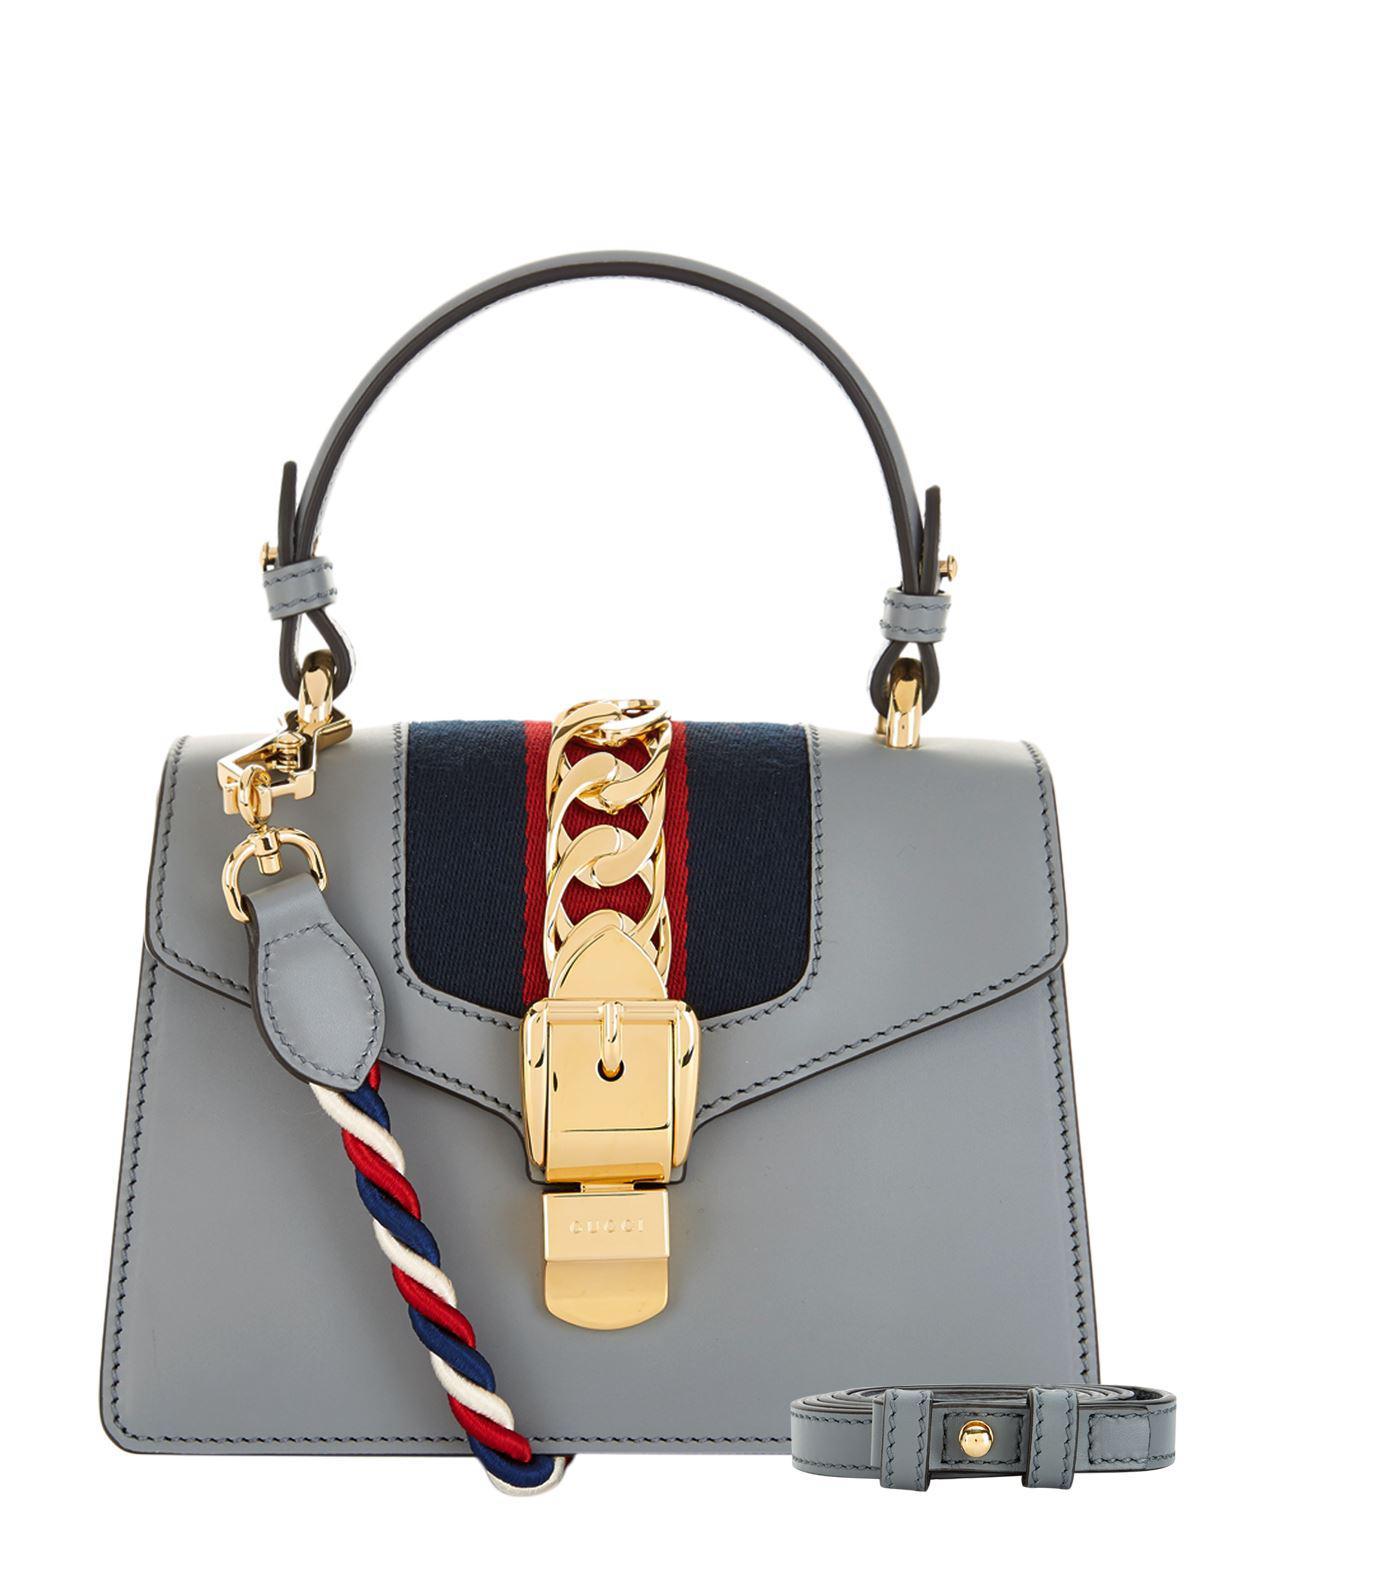 16aed55ea4c3c3 Gucci Mini Sylvie Shoulder Bag in Gray - Lyst